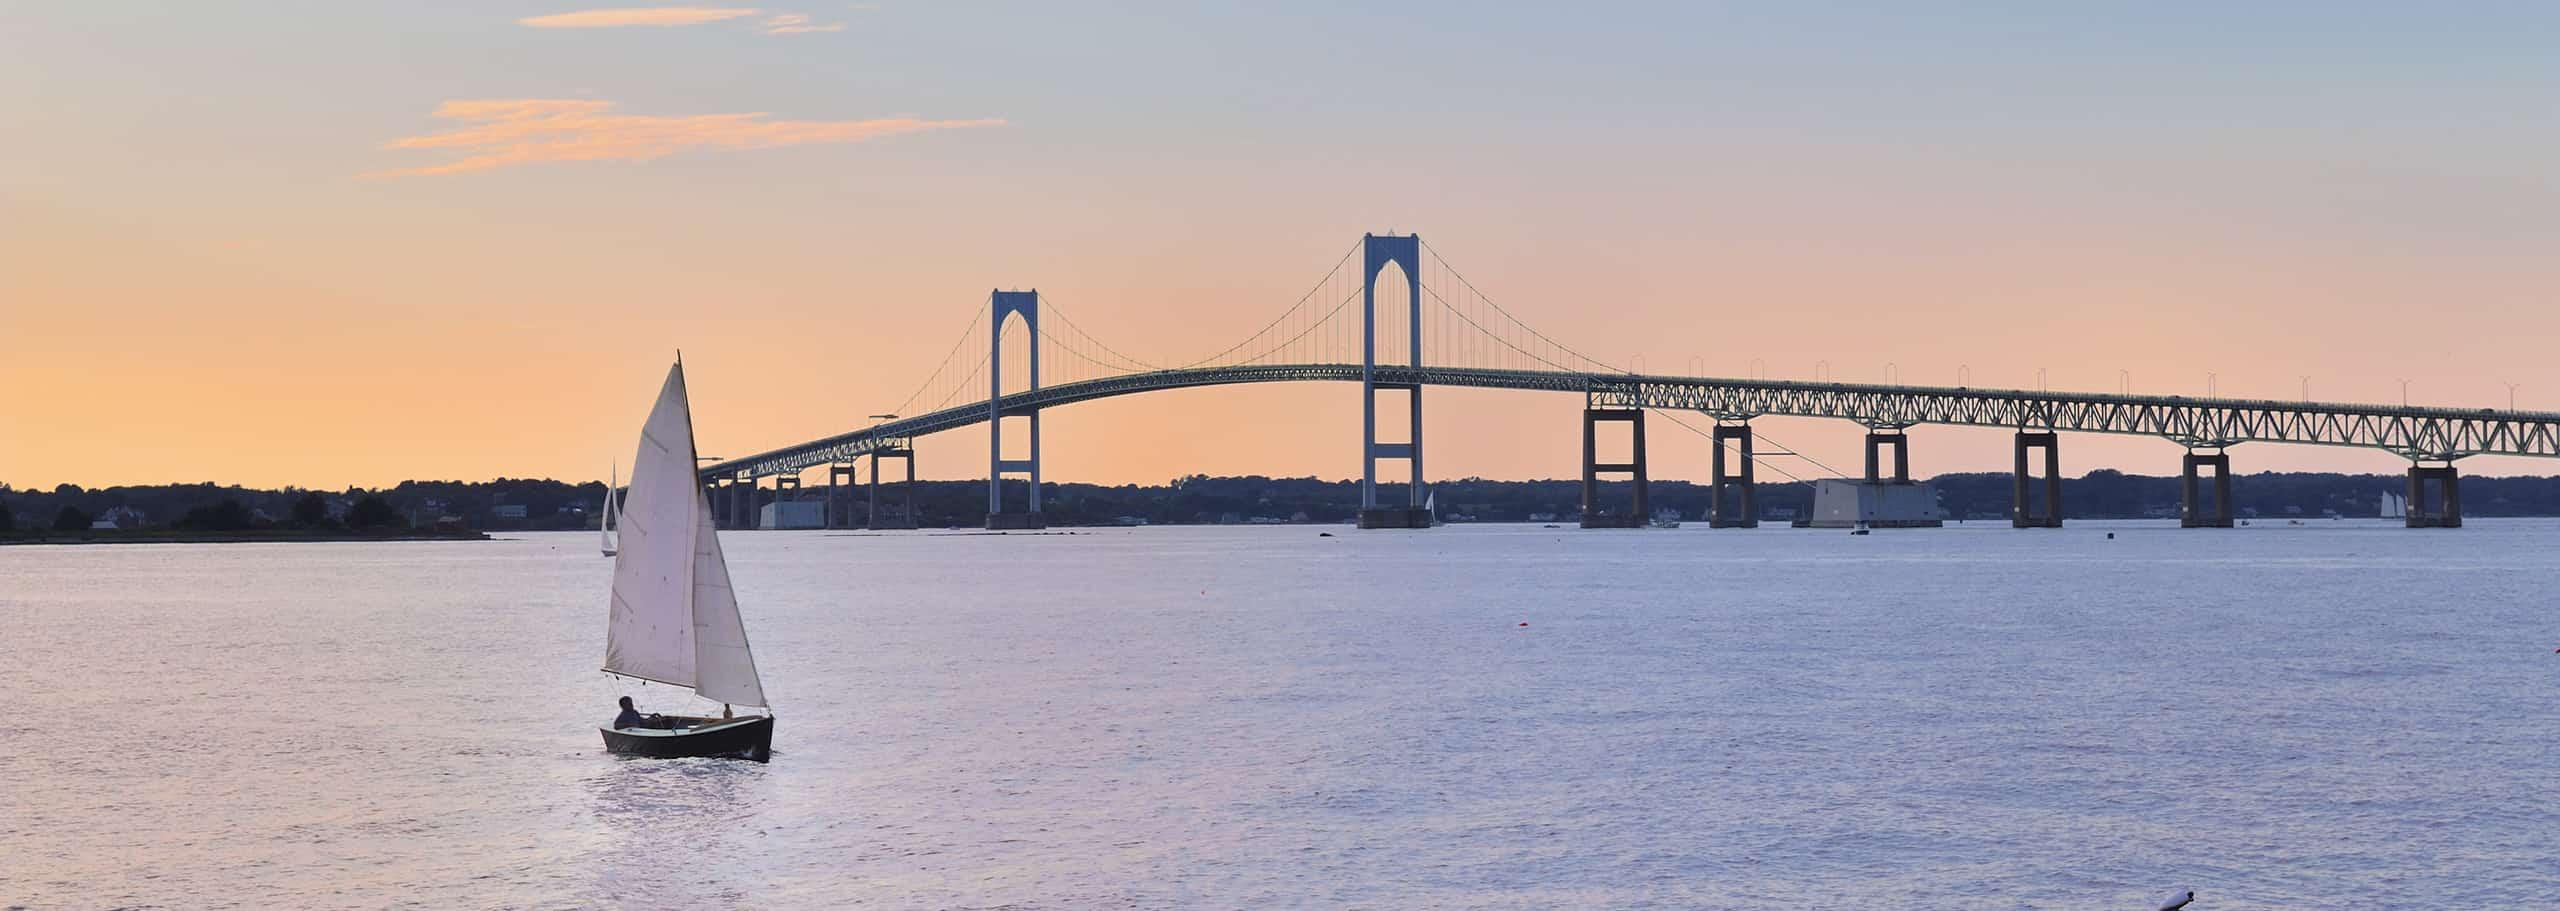 A bridge on the shoreline of Newport, RI